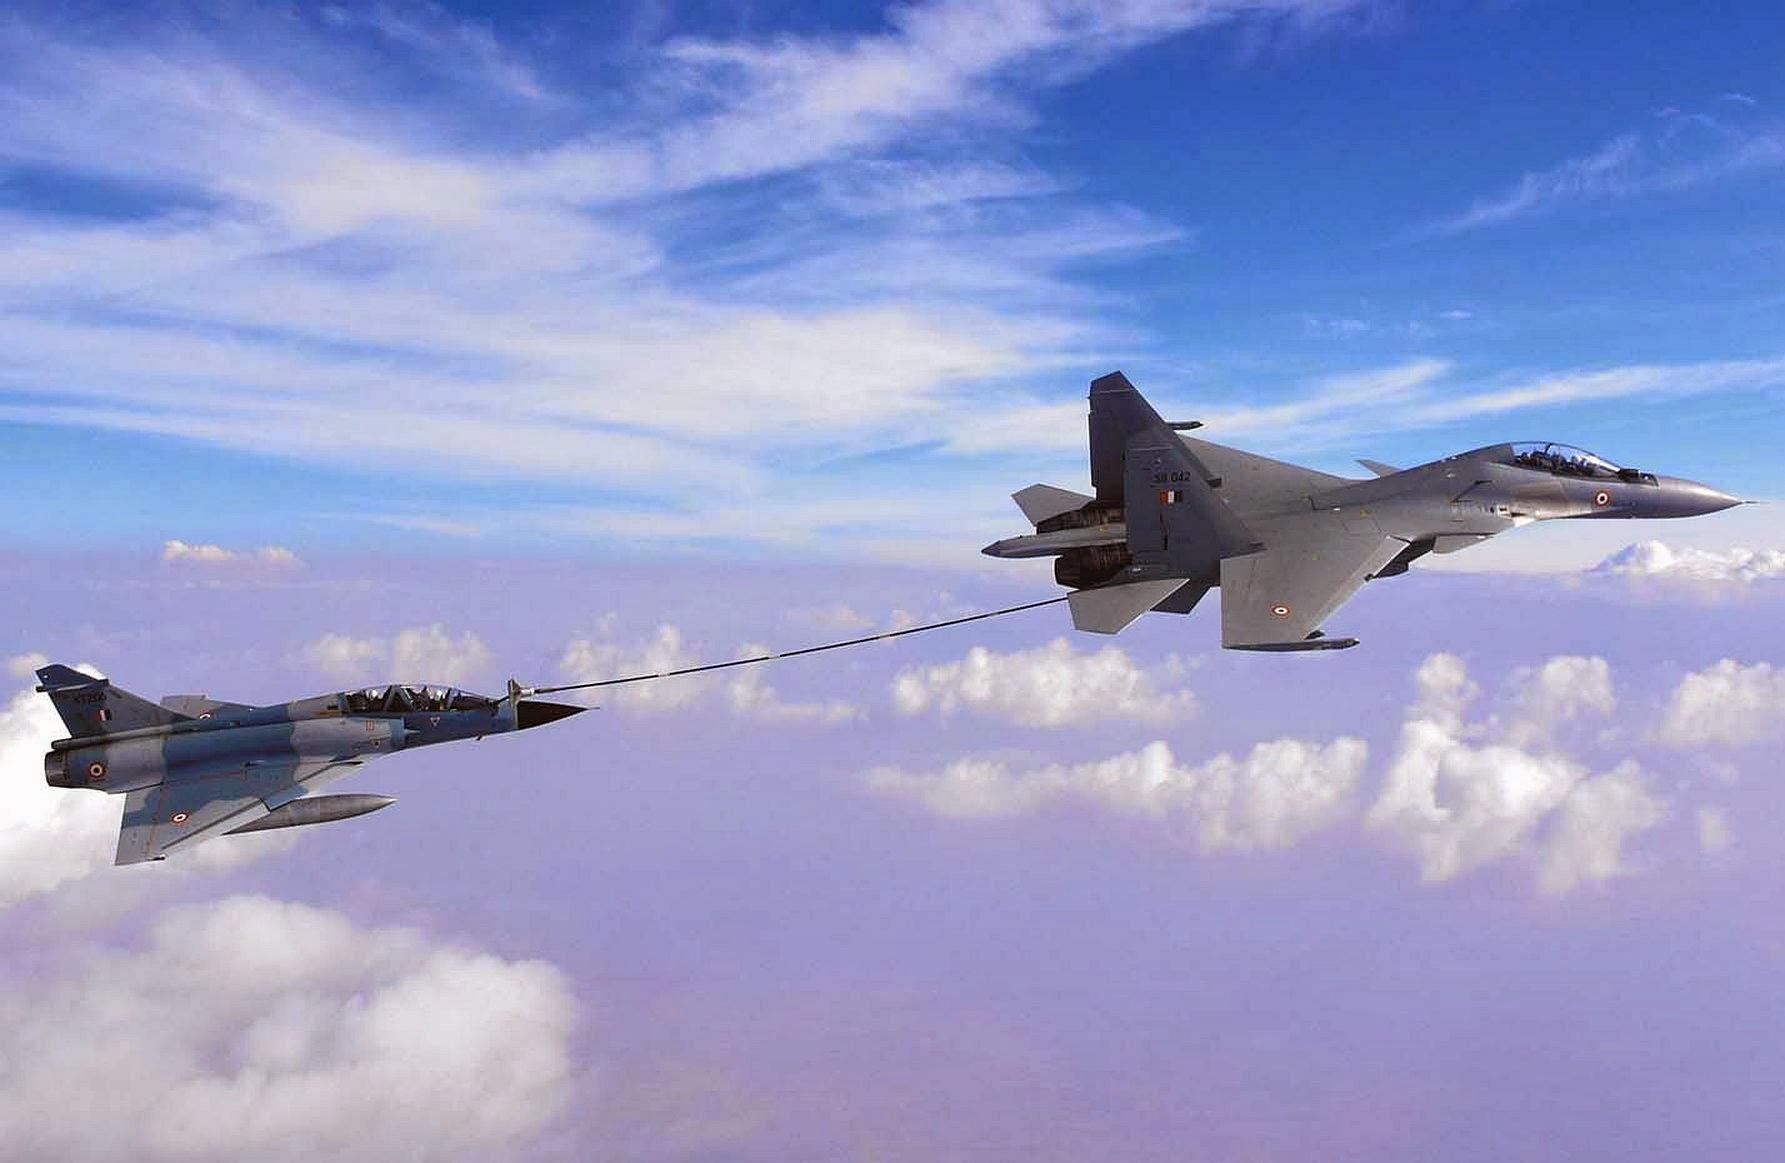 IAF-Buddy-Refuelling-Sukhoi-Su-30MKI-Mirage-2000.jpg